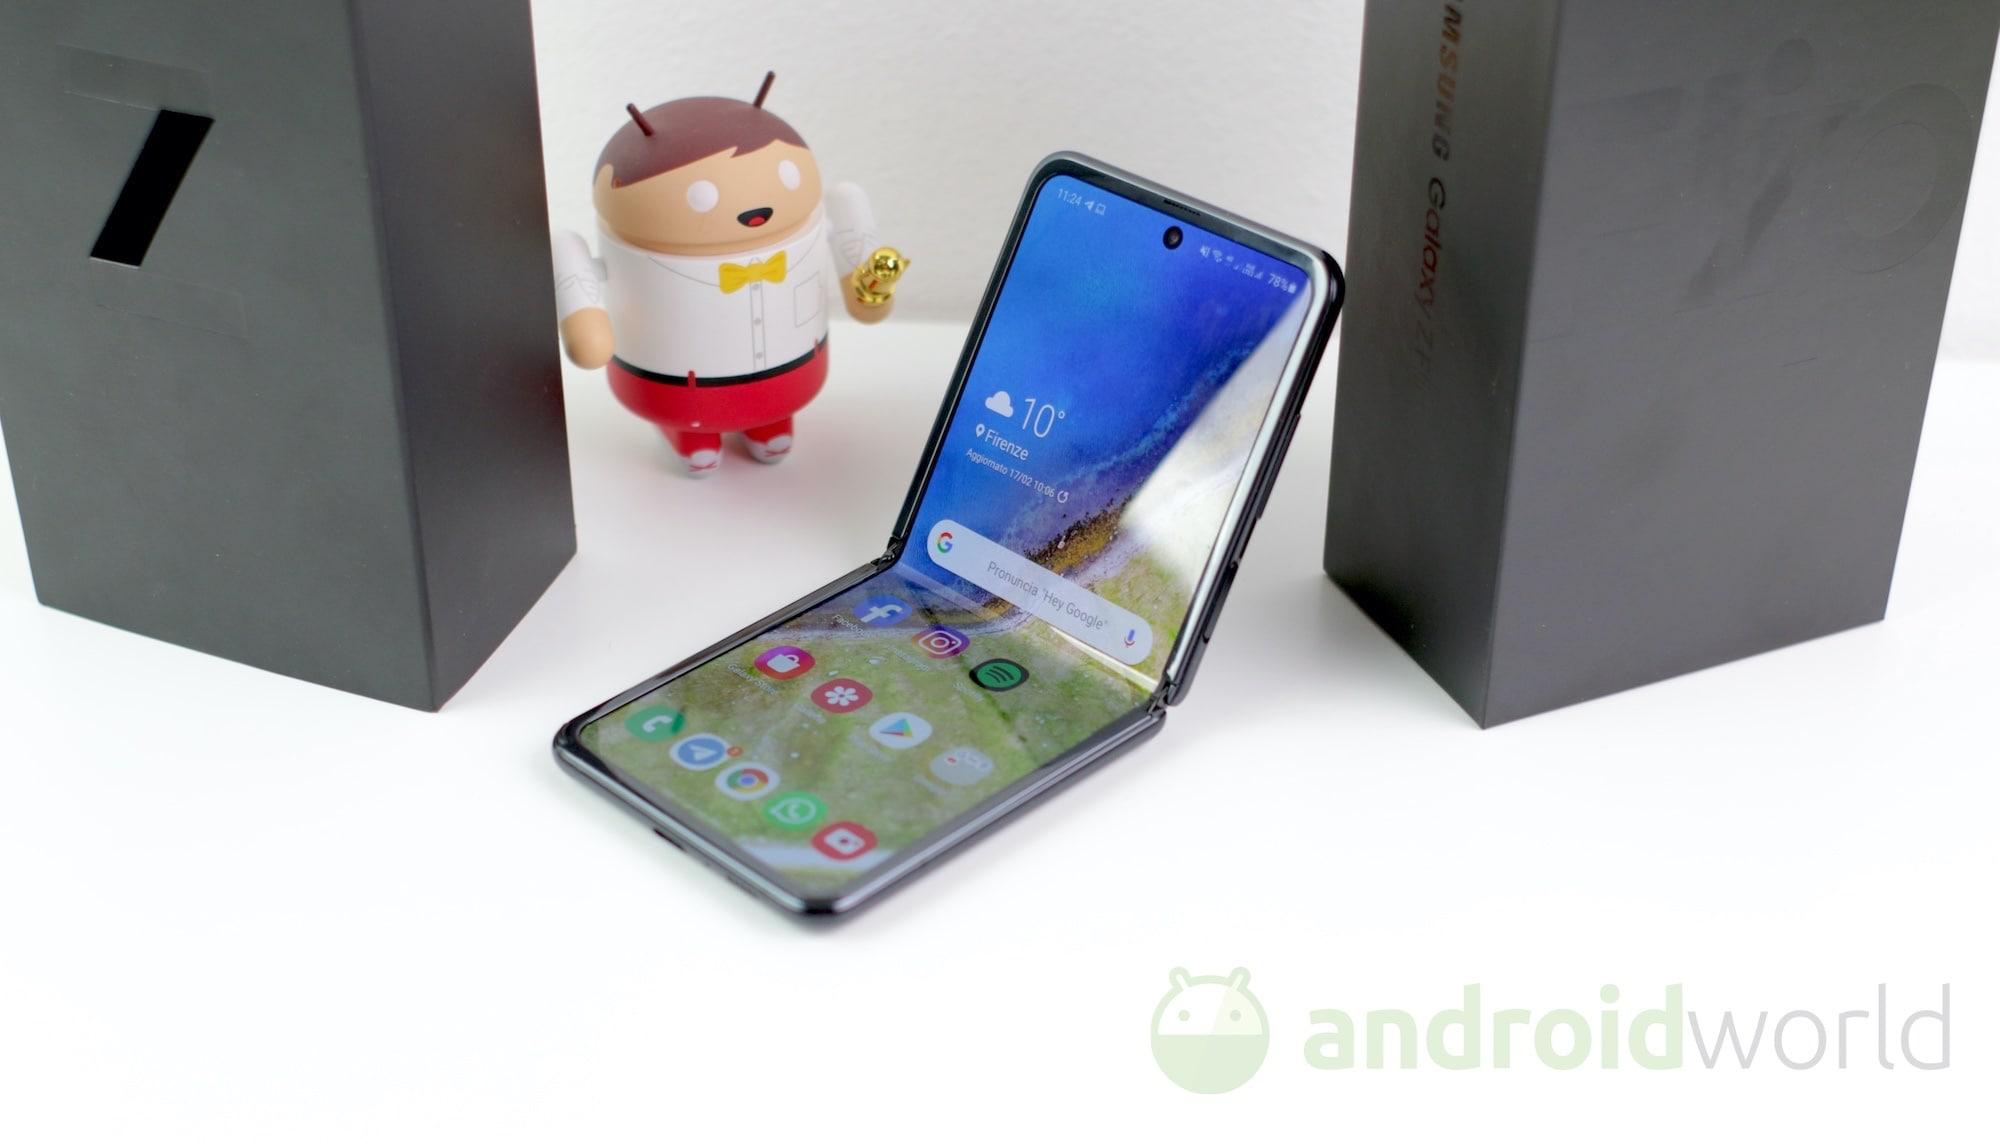 Galaxy Z Flip 5G è in arrivo in Europa: non avrete problemi di spazio con i suoi 256 GB